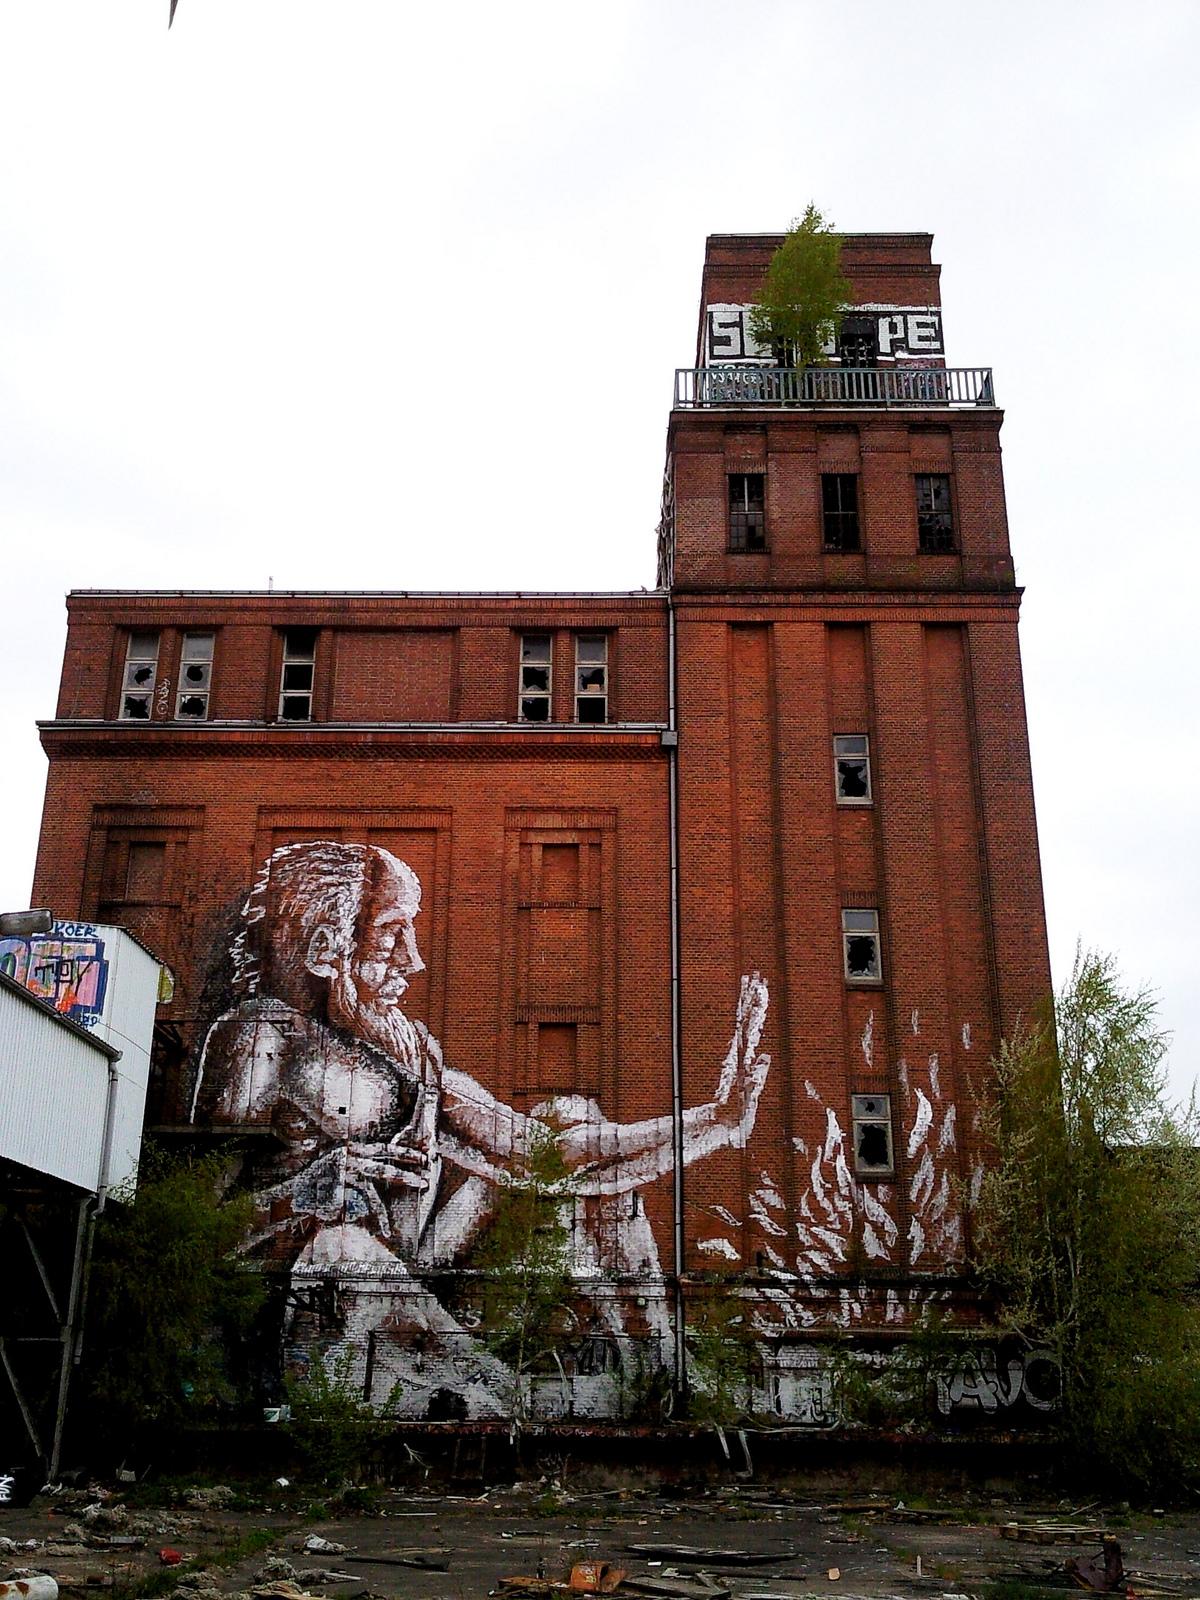 Street Art by Alaniz 1